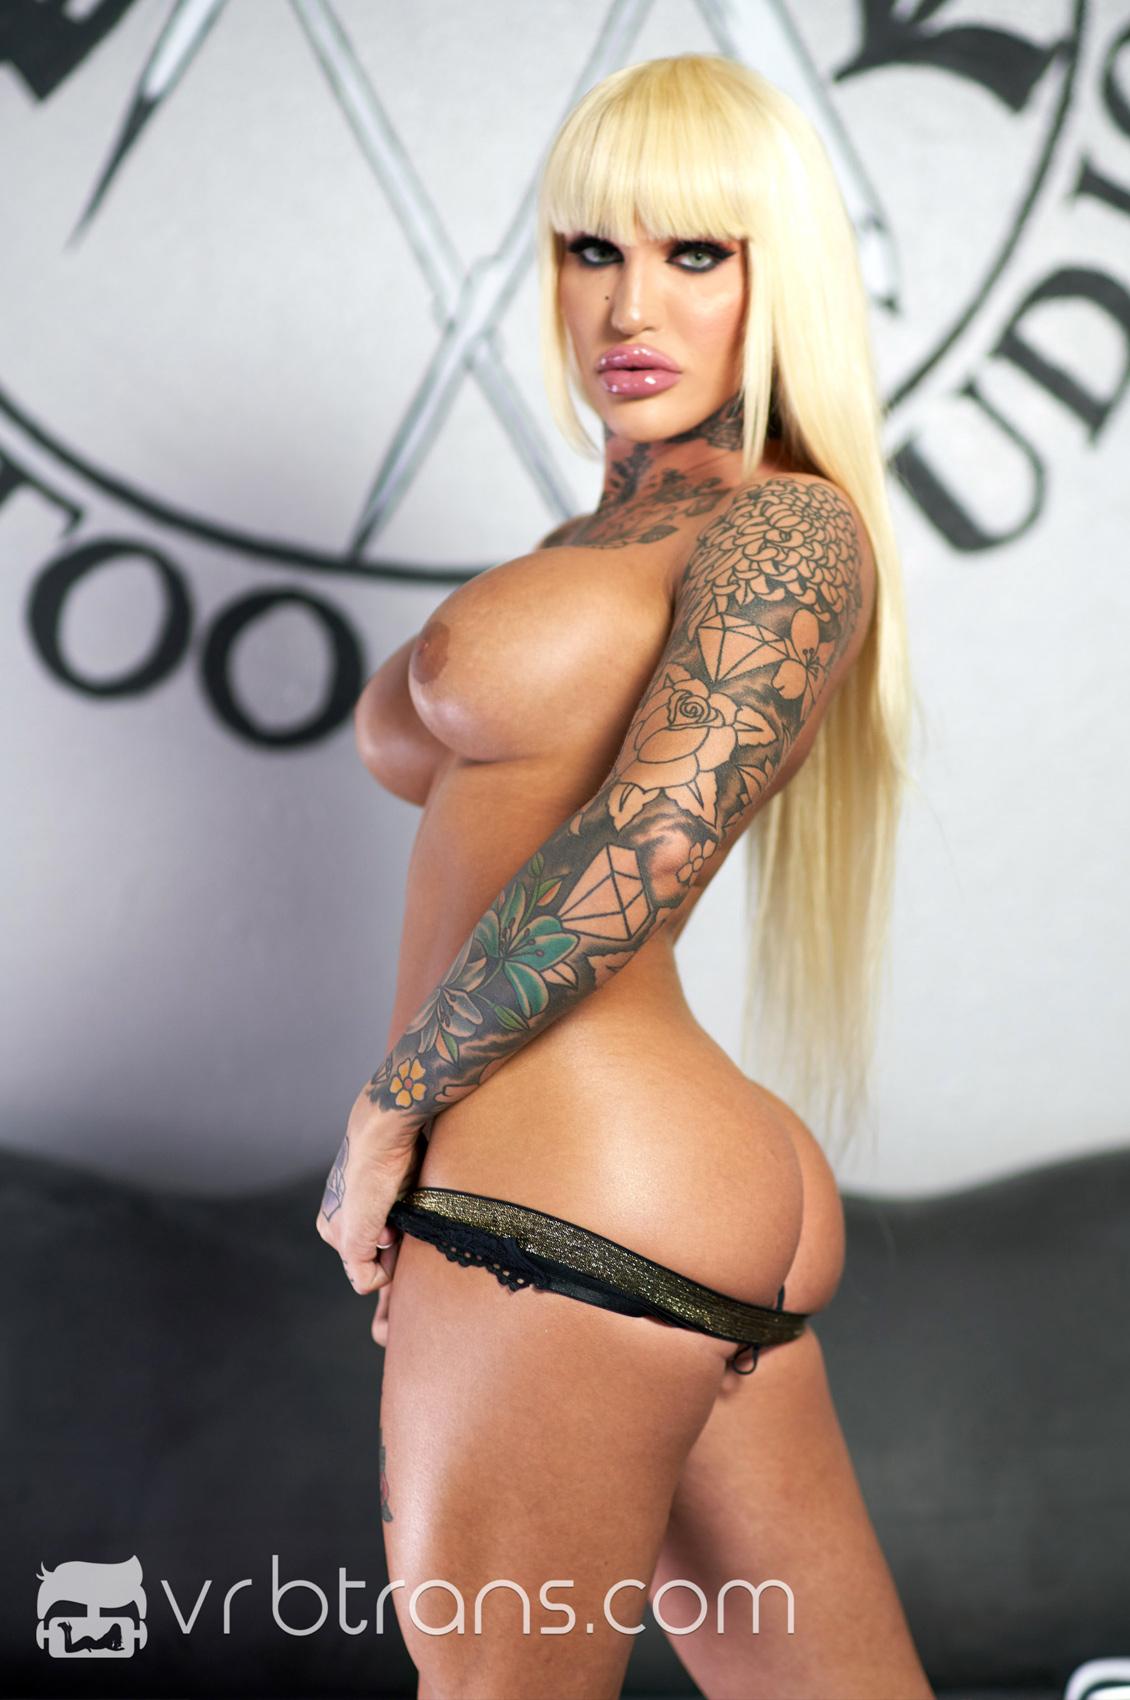 Nadia Love's Bio, Free Nude Pics & VR Porn Videos